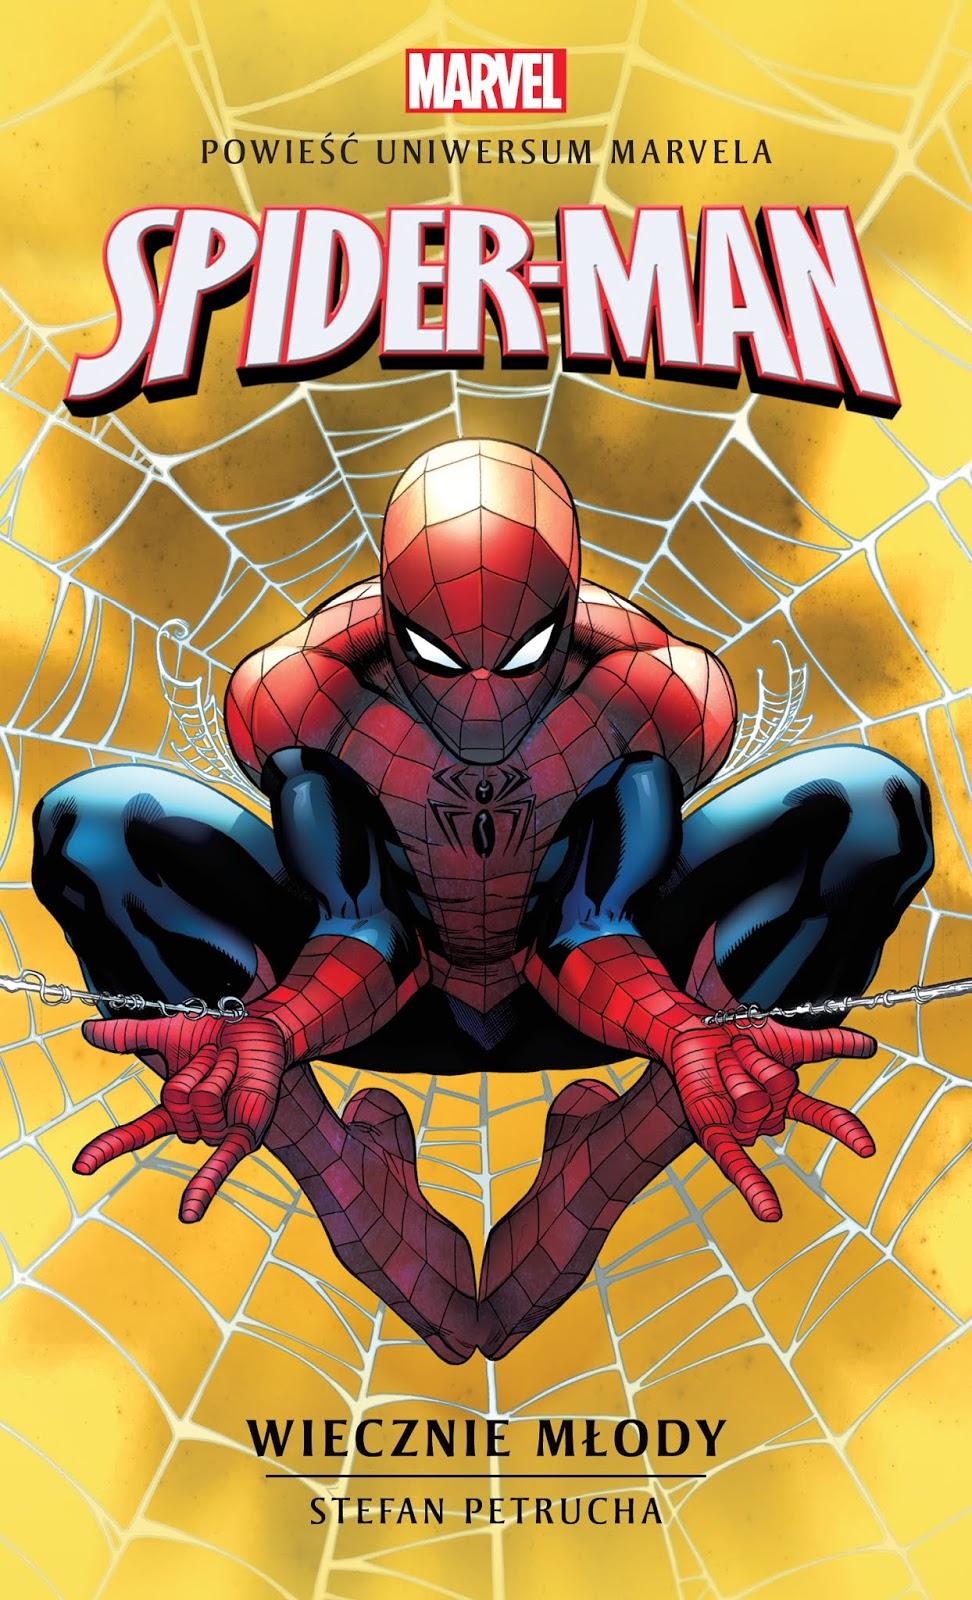 """Już we wrześniu:Stefan Petrucha """"Marvel: Spider-Man. Wiecznie młody"""" Zapowiedź!"""